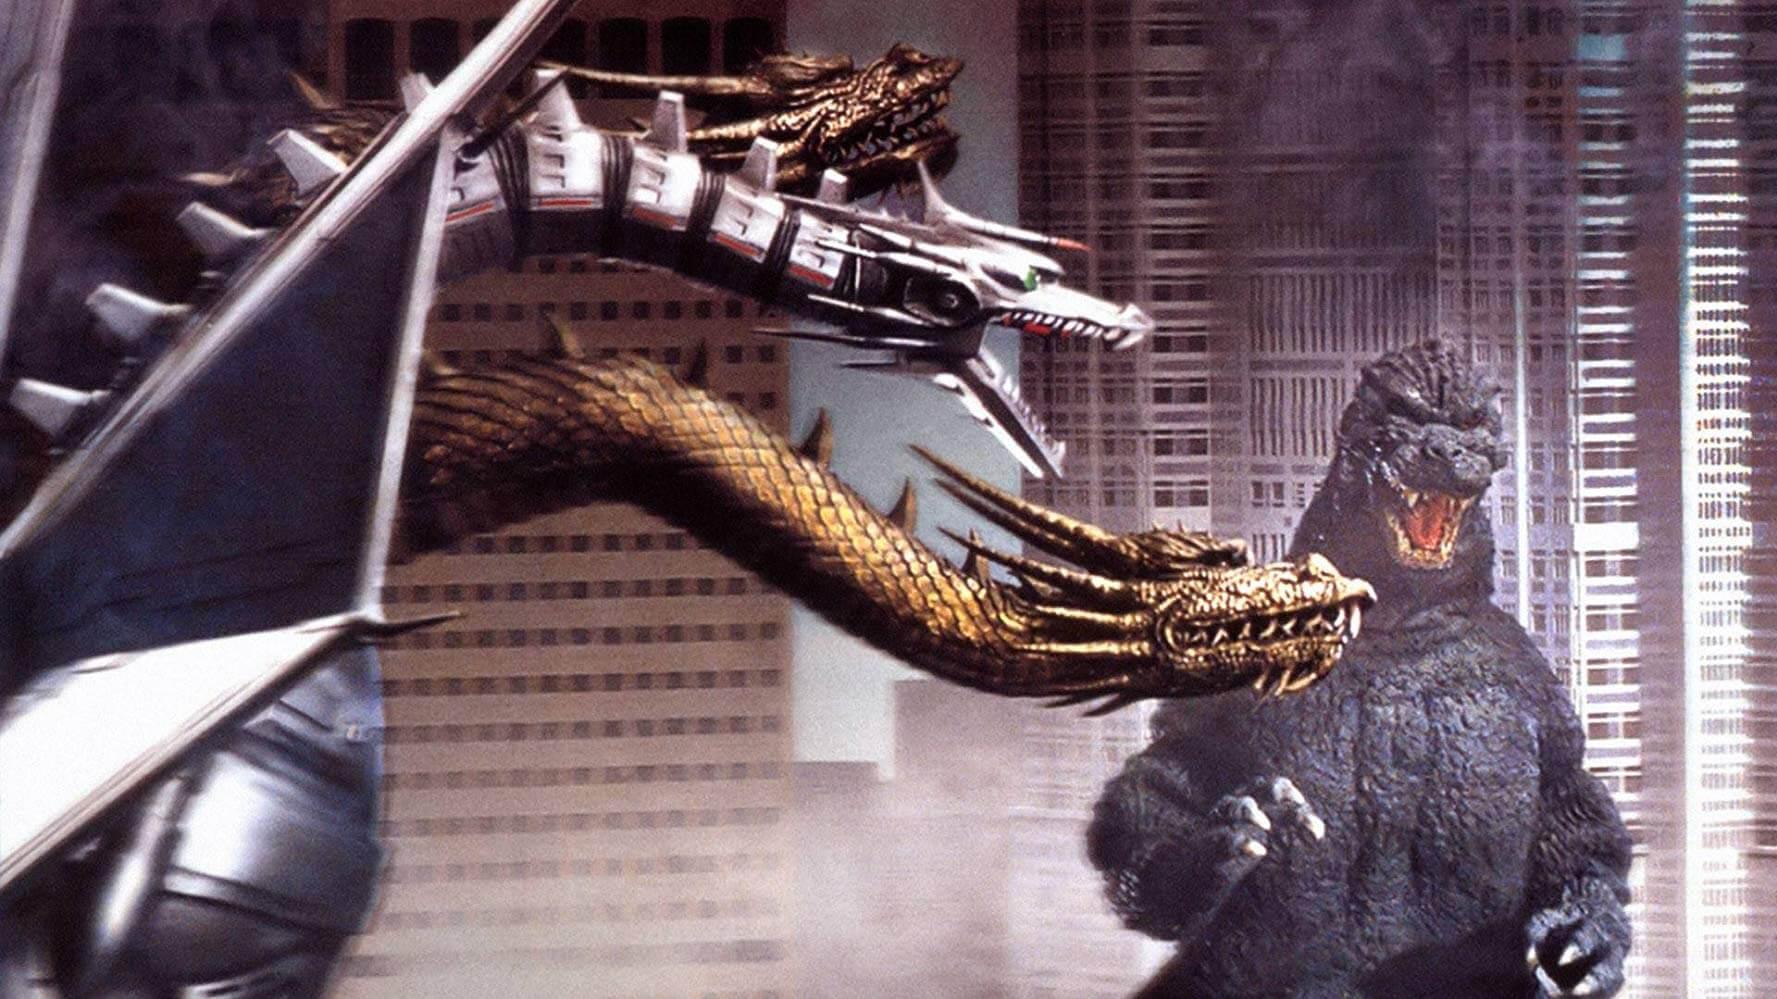 【專題】平成哥吉拉:《哥吉拉 vs 王者基多拉》時間旅行矛盾下的日本人自畫像 (08)首圖